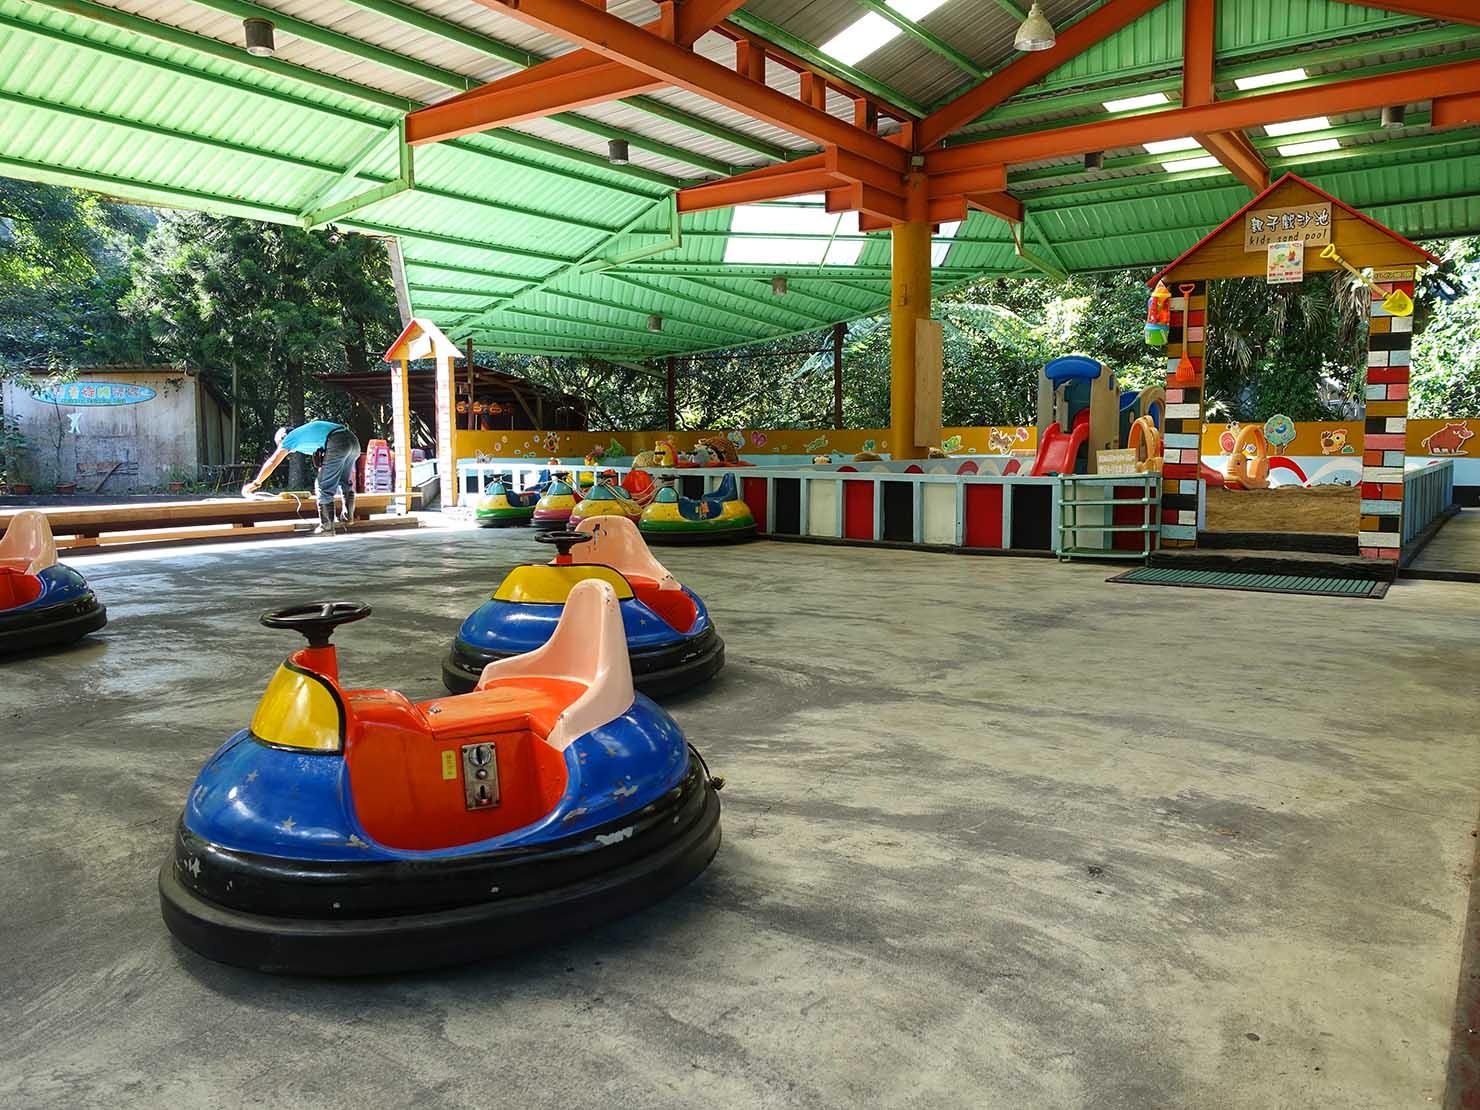 台北・烏來温泉から行けるテーマパーク「雲仙樂園」園内のゴーカート乗り場